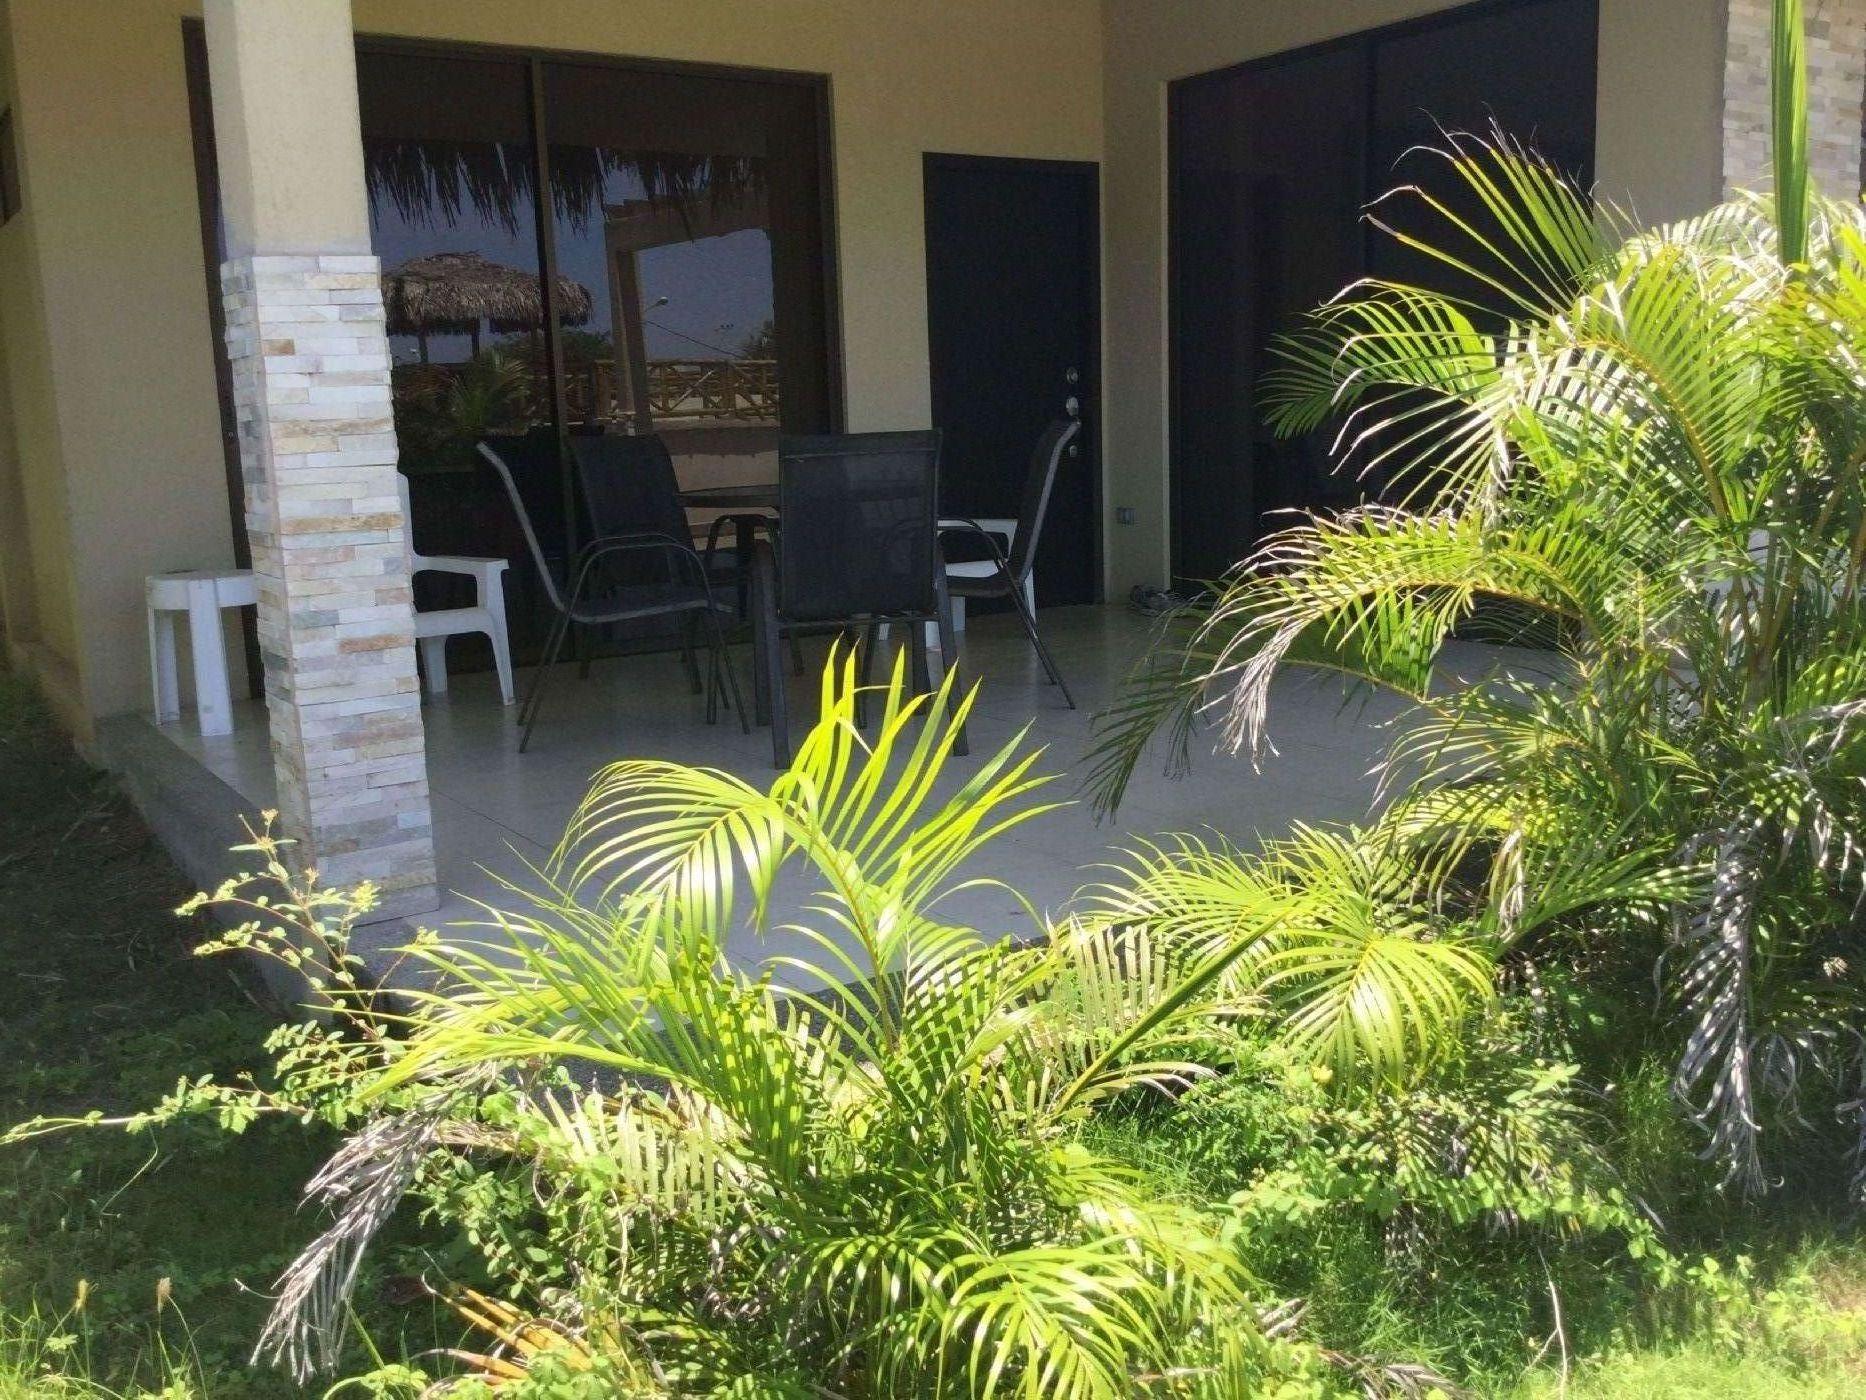 Manglaralto-Ecuador-property-499977-1.JPG